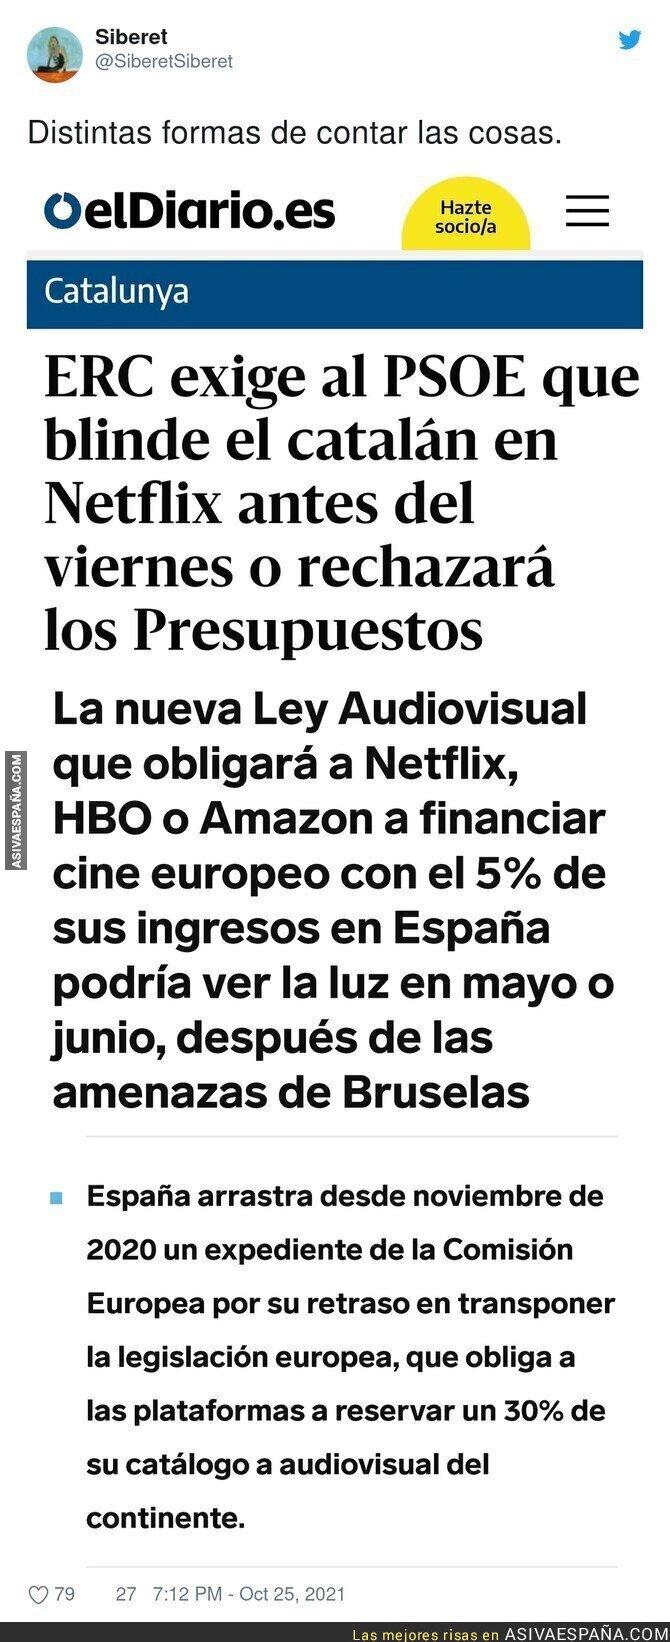 946191 - Dos formas de contar el motivo por el que ERC exige blindar el catalán en Netflix